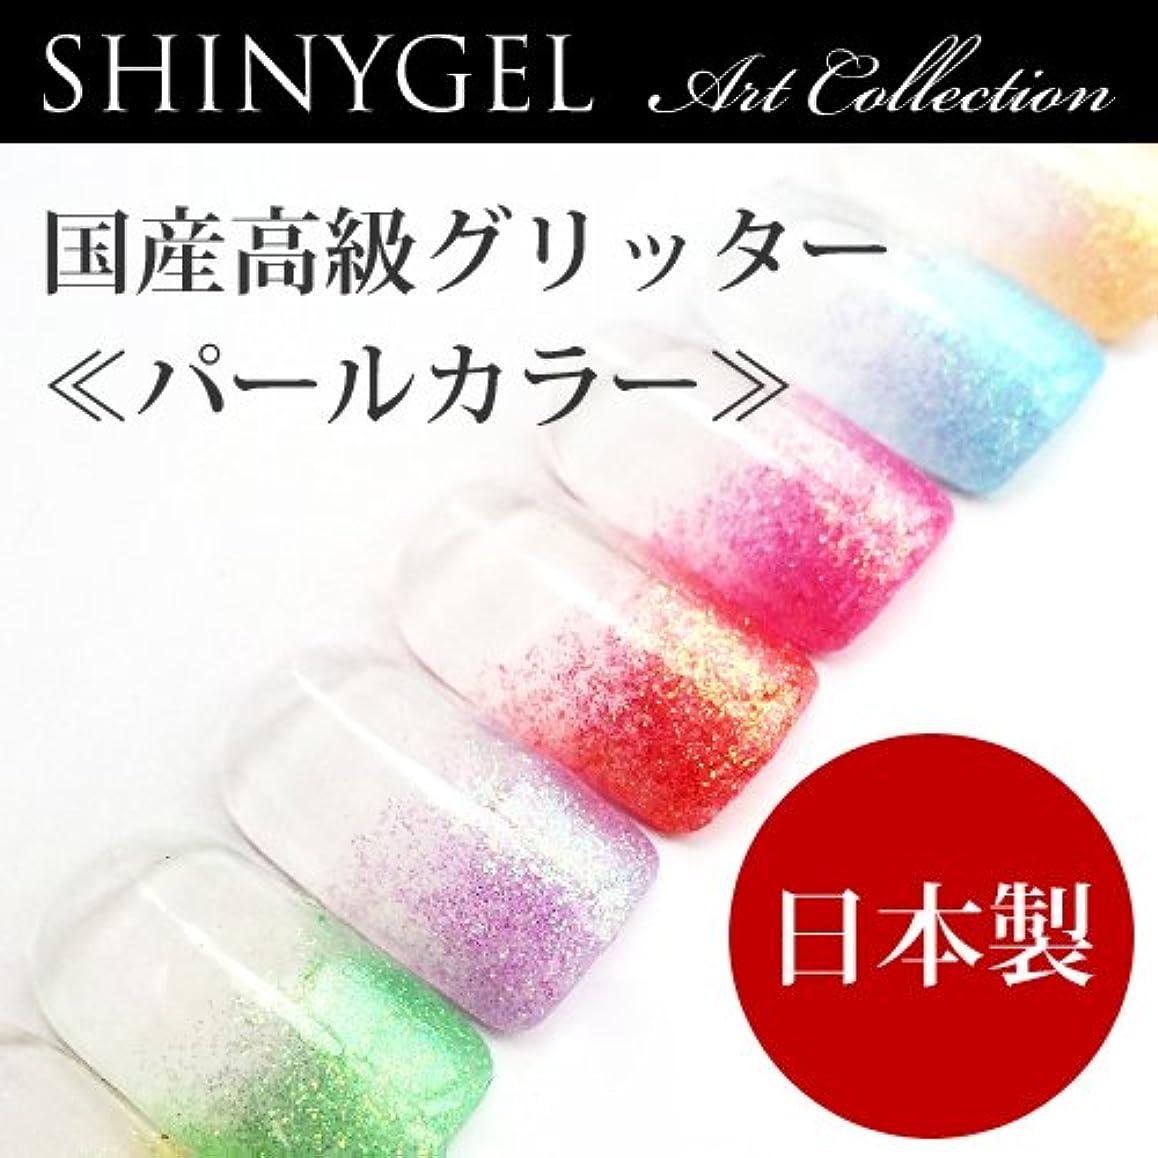 しなやか奇妙なためらう?日本製?SHINYGEL シャイニージェル アートコレクション/ラメ?グリッター<パールカラー>パールブルー